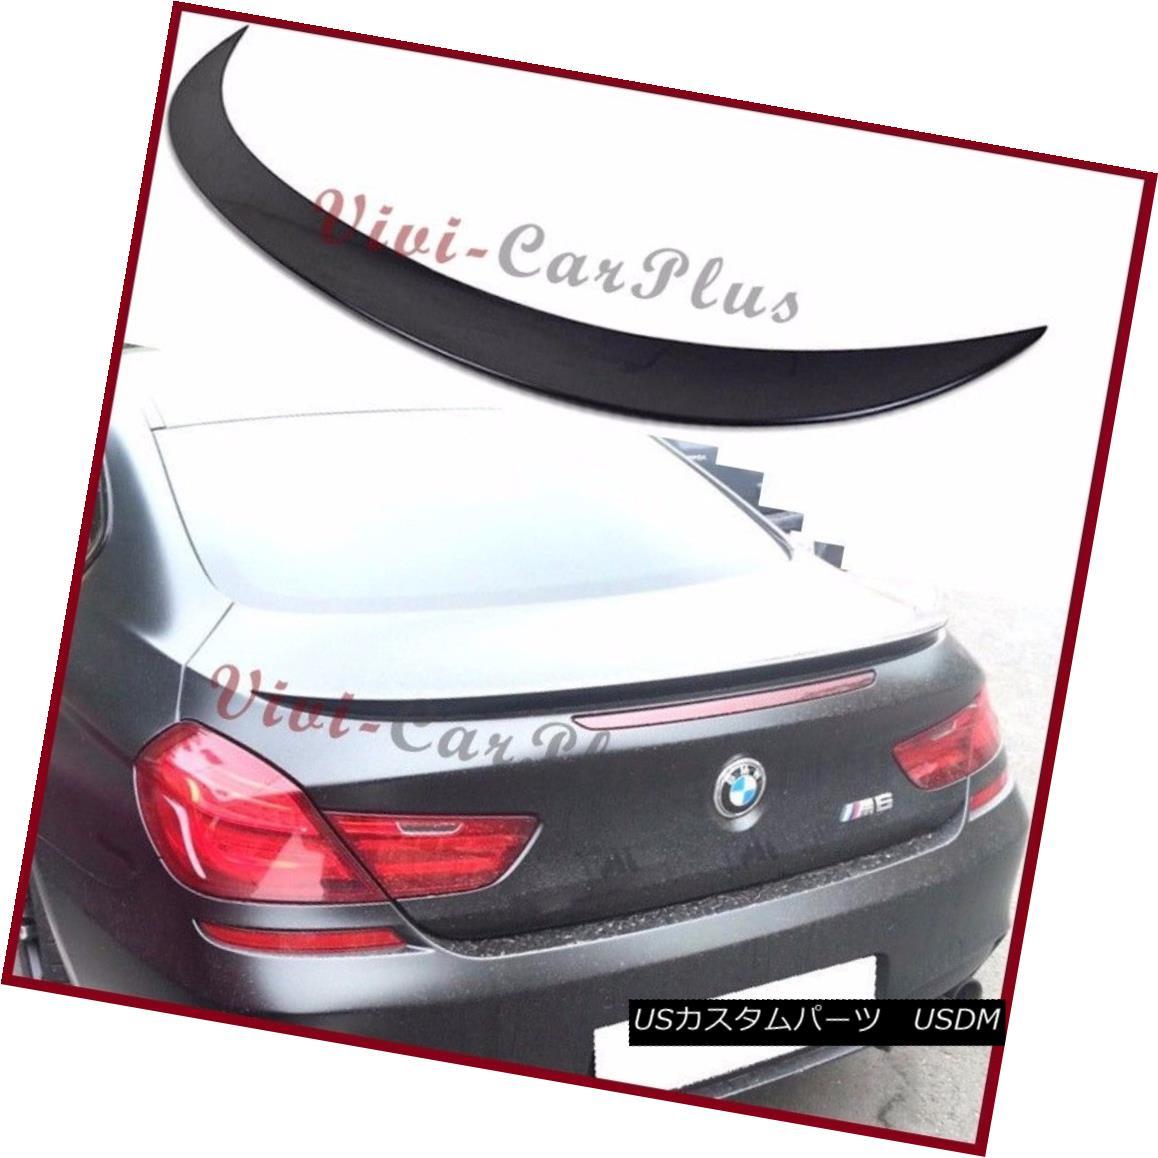 エアロパーツ Painted M6 Look Trunk Spoiler Fit 2012-2015 BMW F13 640i 650i M6 Coupe Tail Wing 塗装済みM6ルック・トゥ・リズム・スポイラーフィット2012-2015 BMW F13 640i 650i M6クーペテールウィング